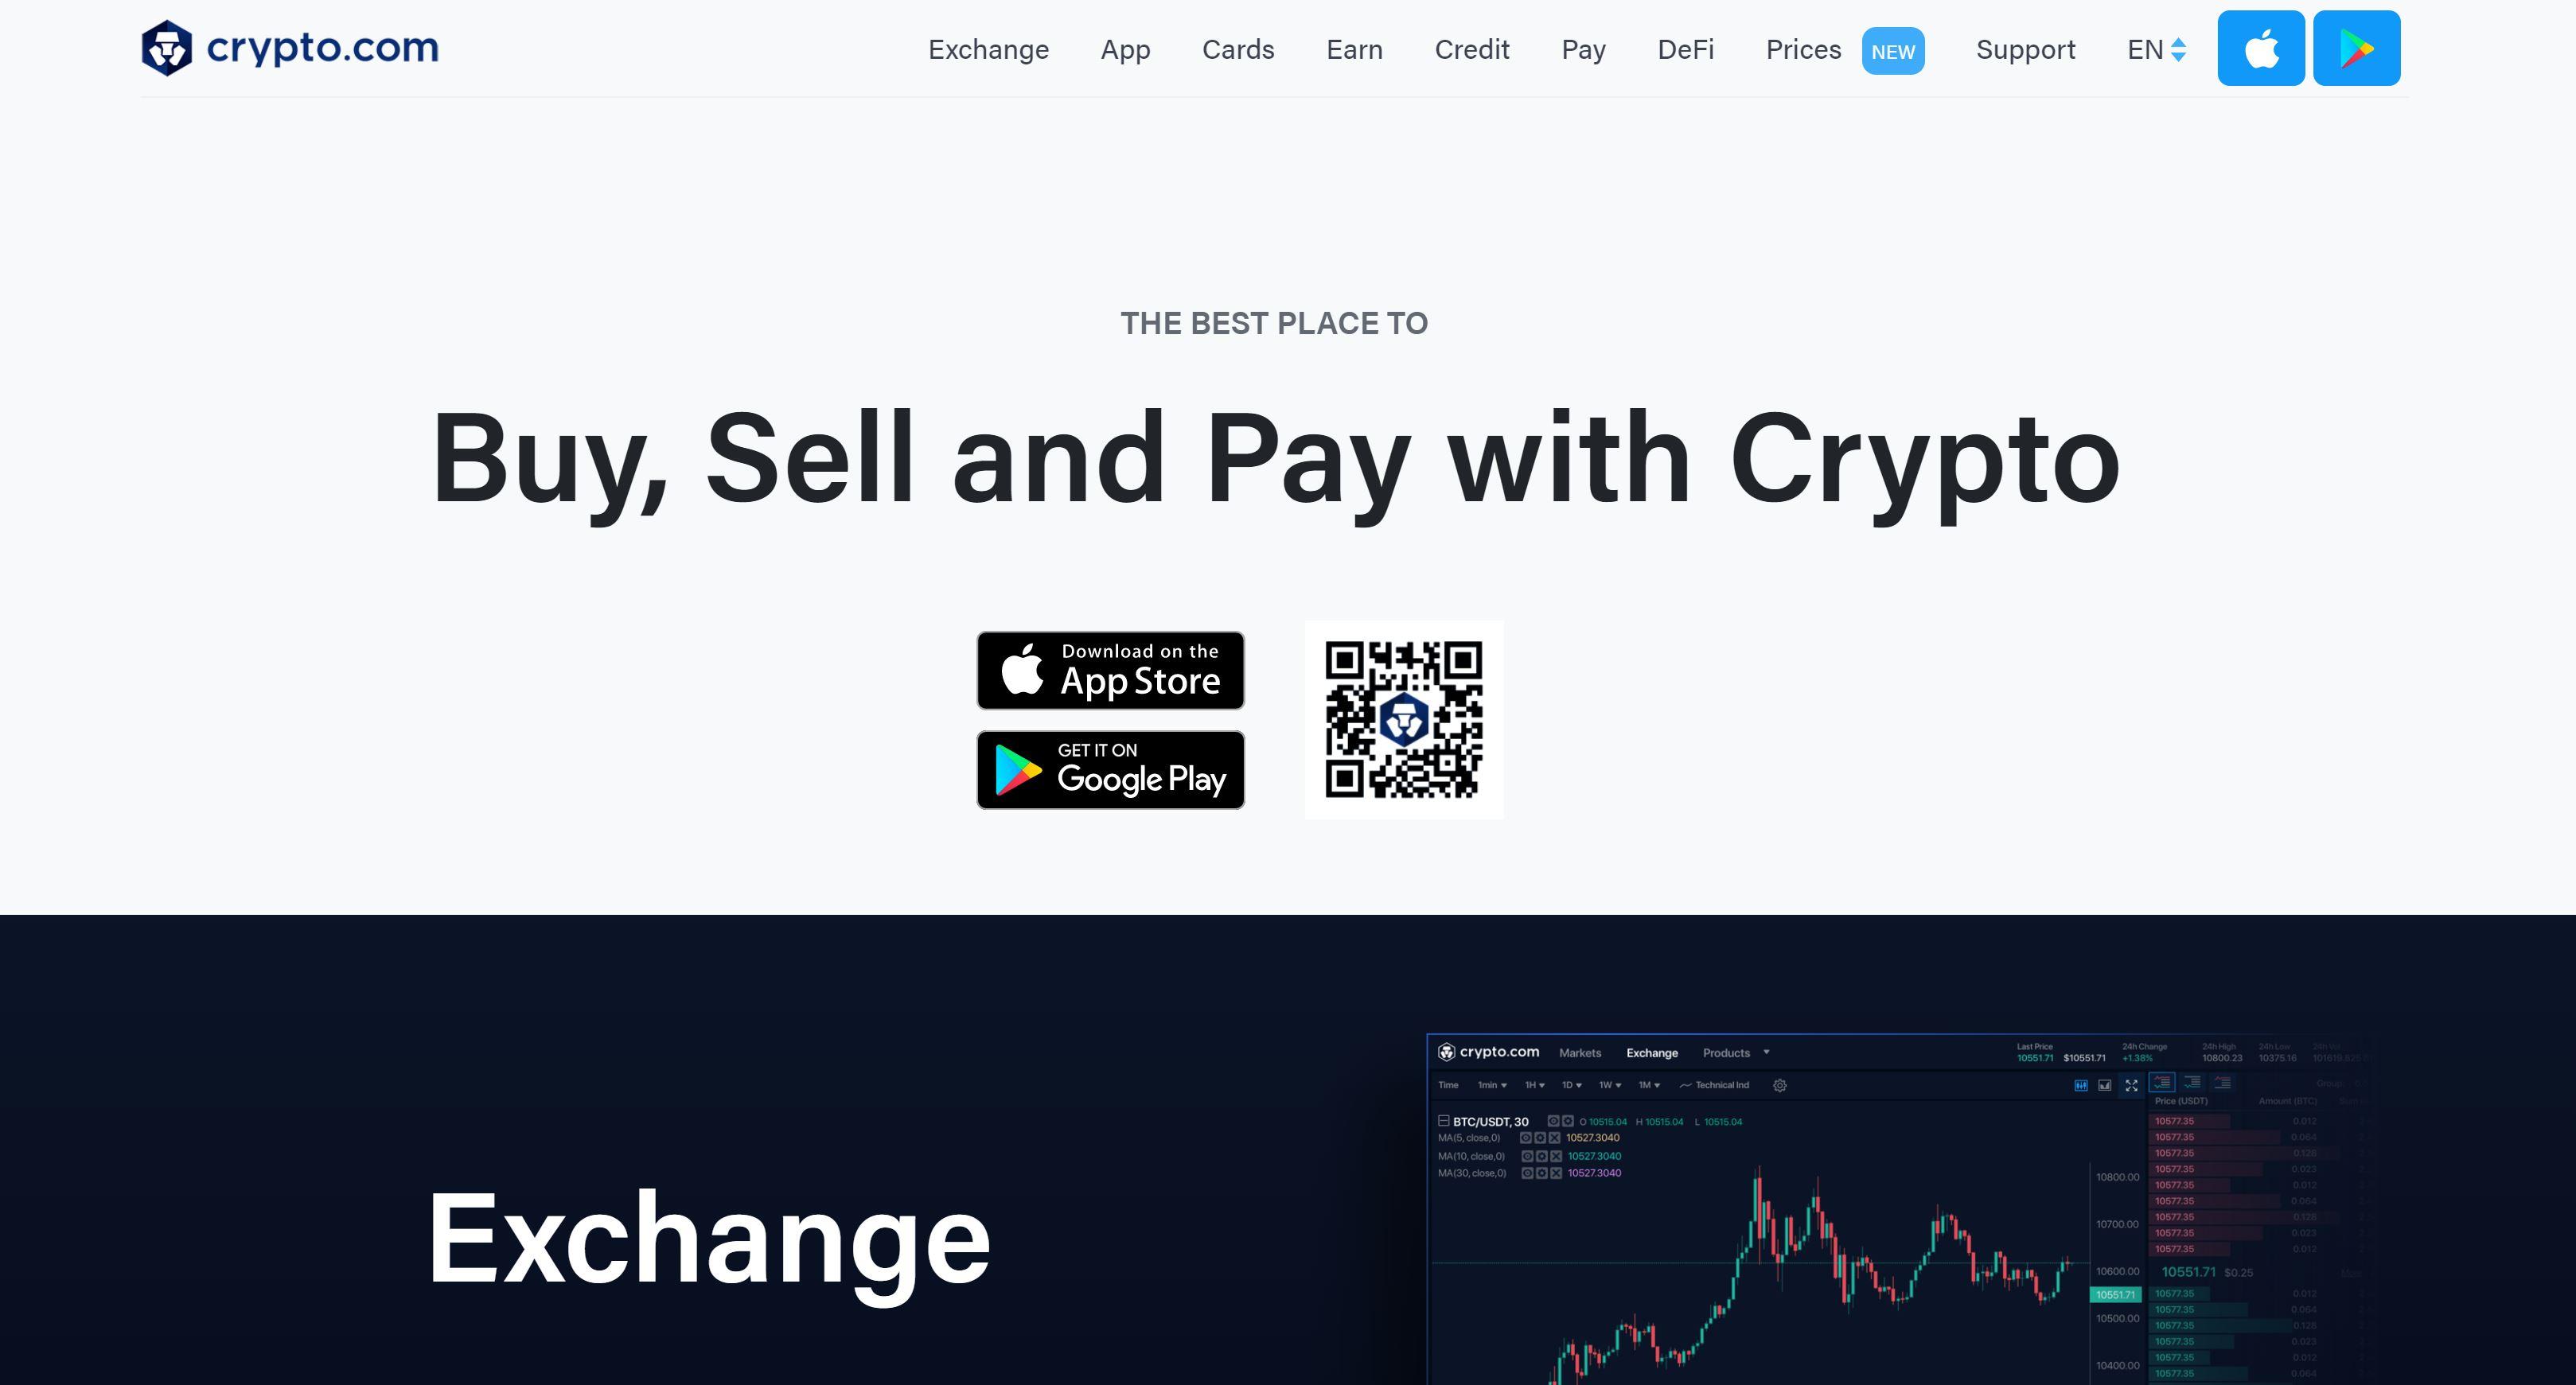 Crypto.com webbplats och logotyp